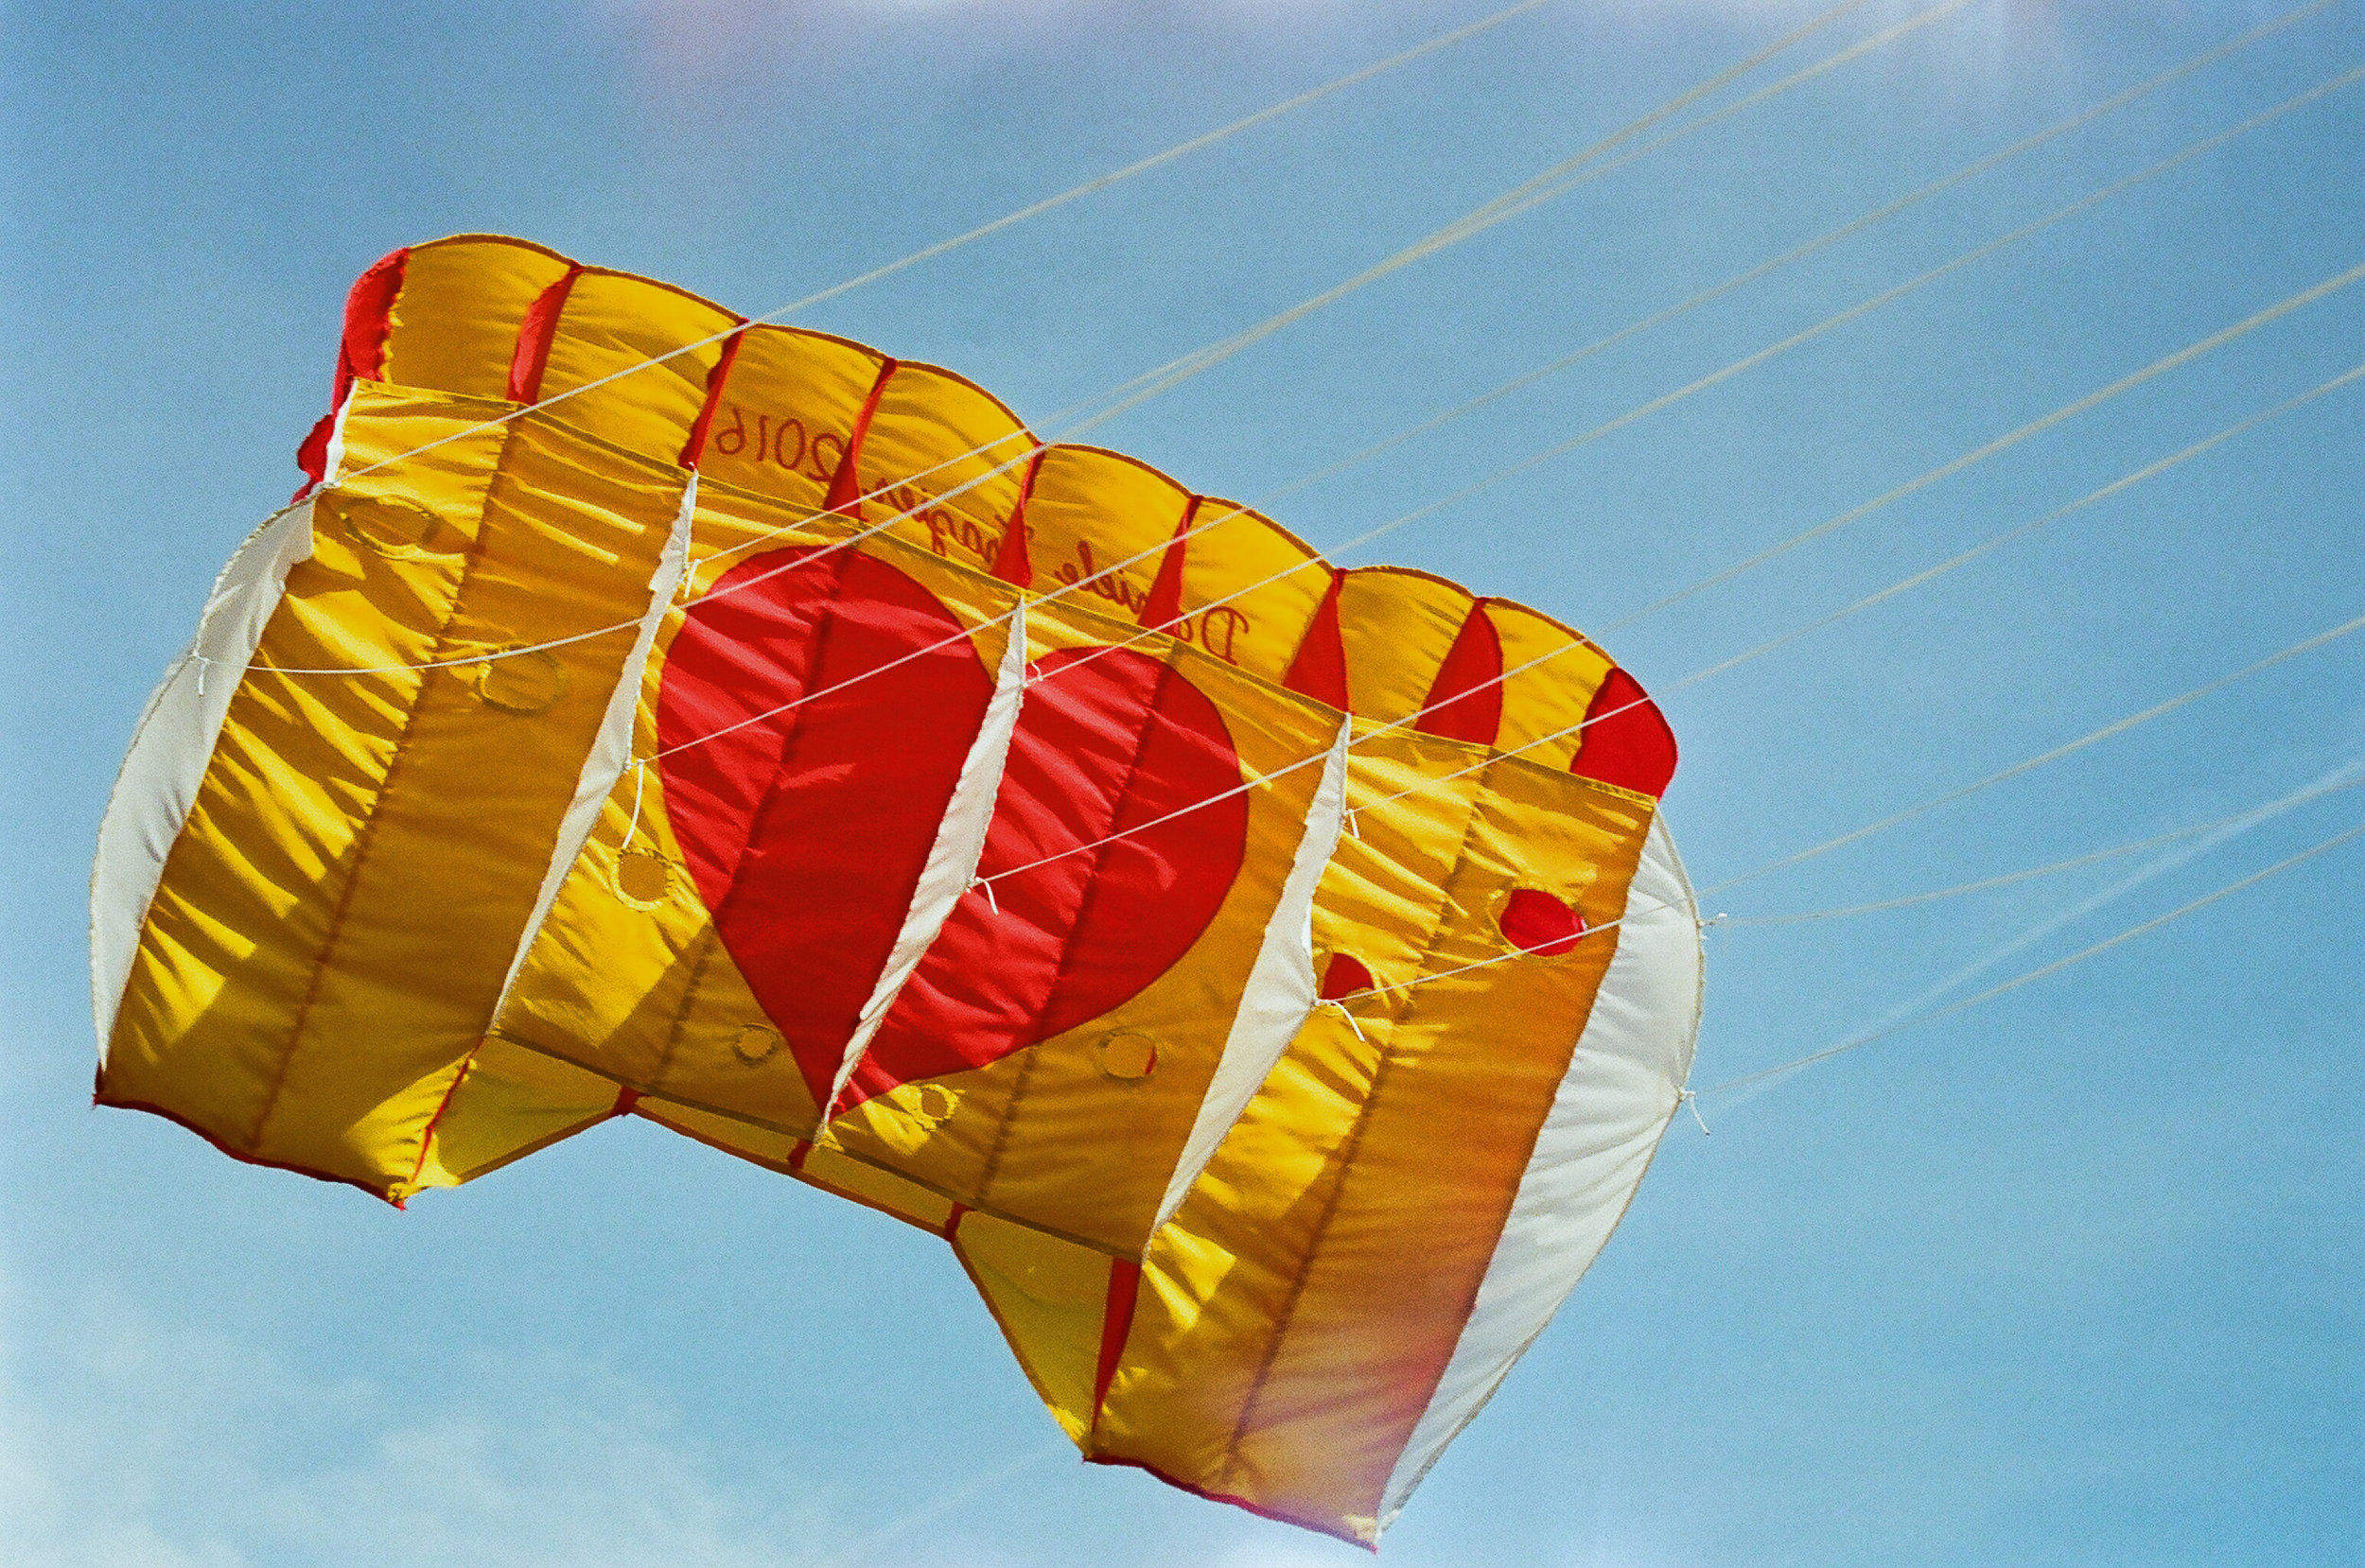 Kite-15.jpg